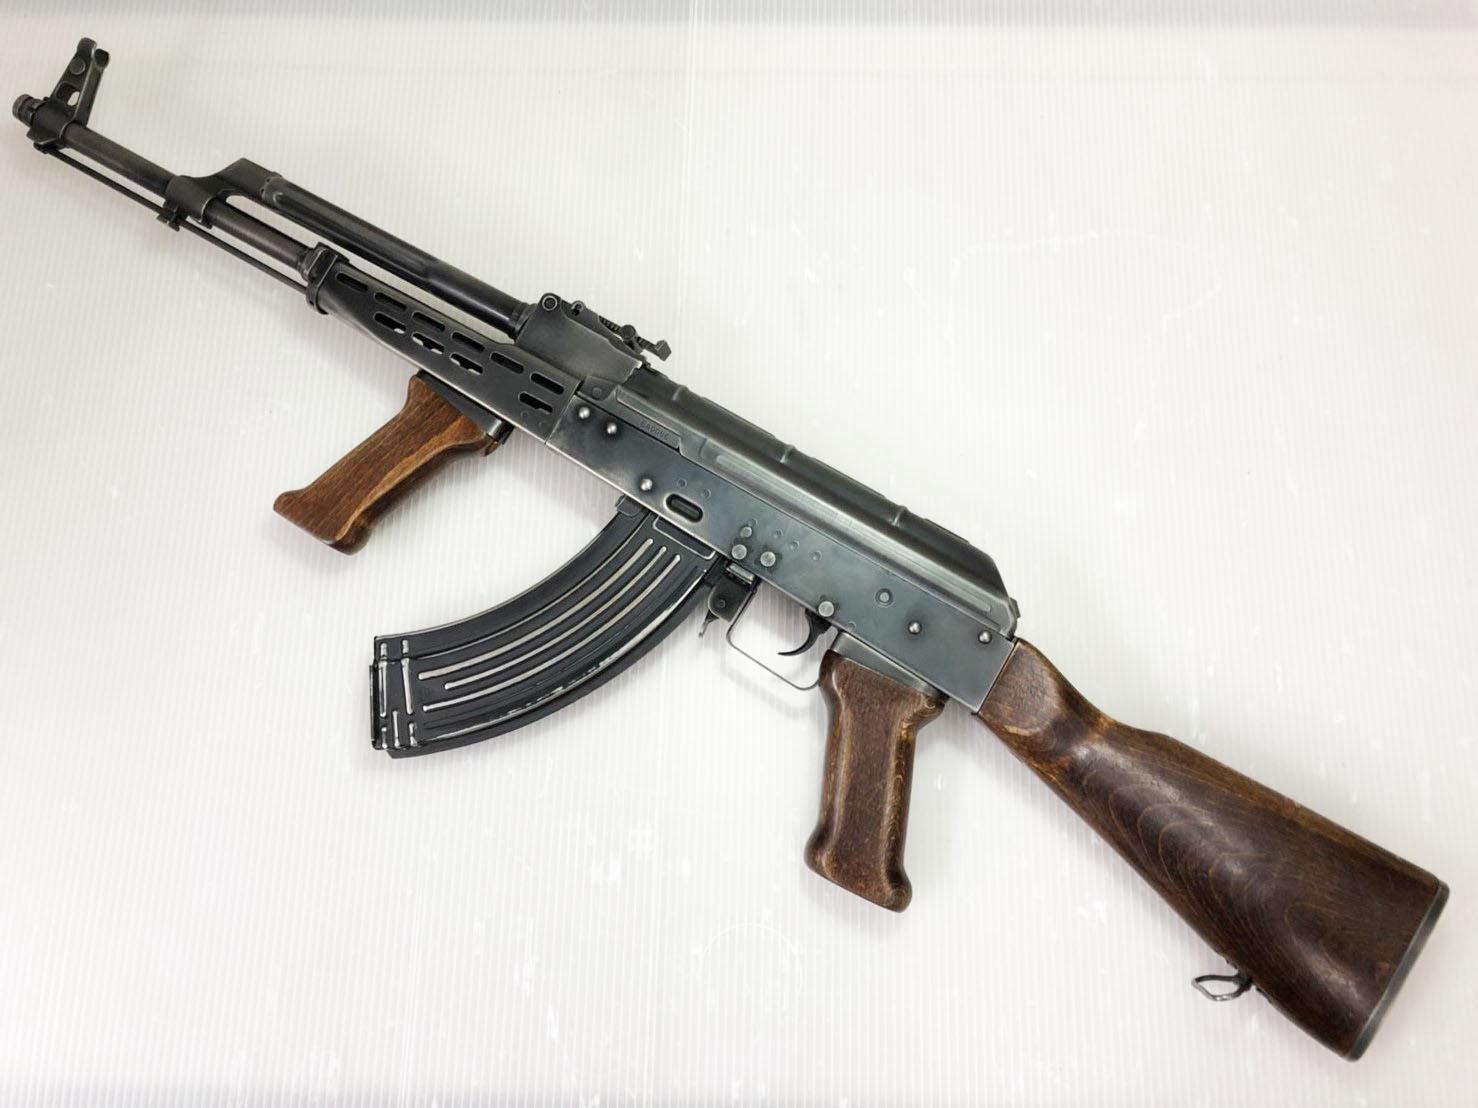 【中古】LCT AKM-63 ウェザリング&内部調整品 (lct-lckm63) エアガン 18歳以上